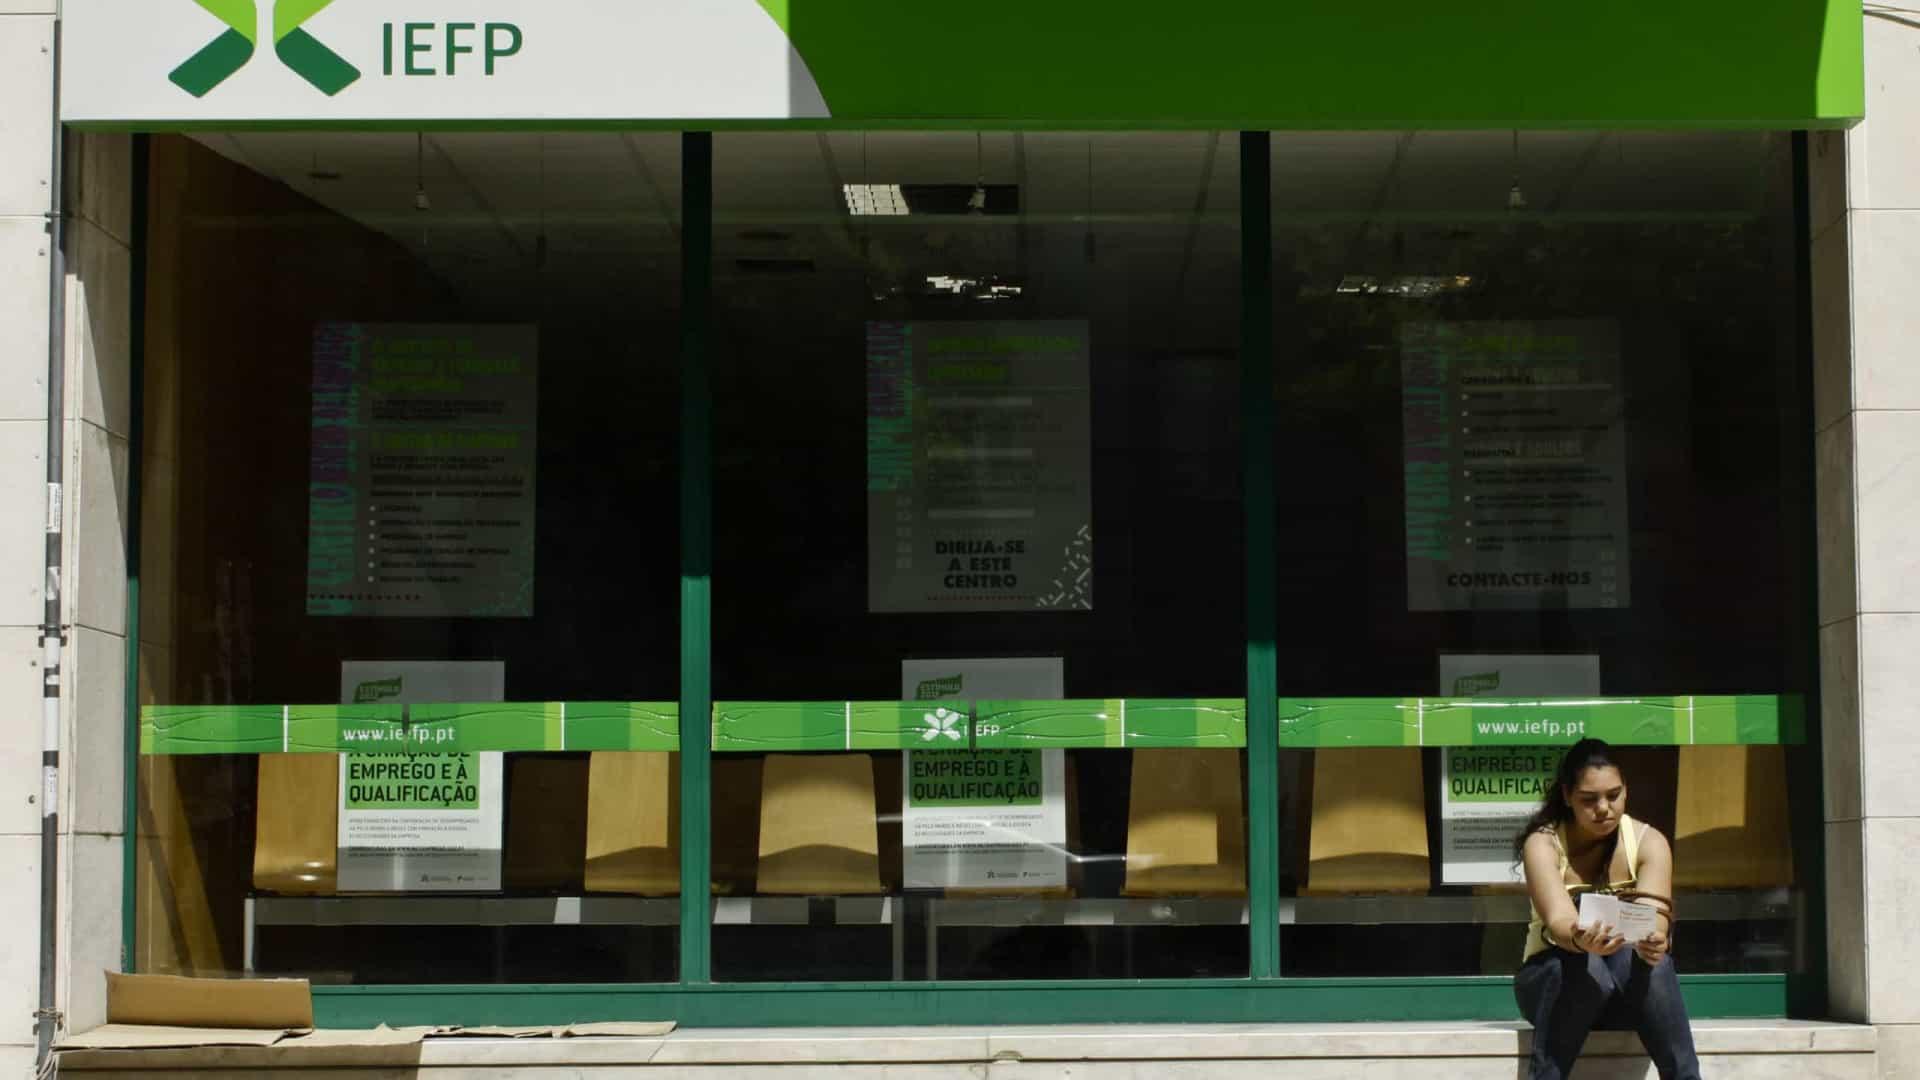 Novas medidas IEFP – Apoio à contratação